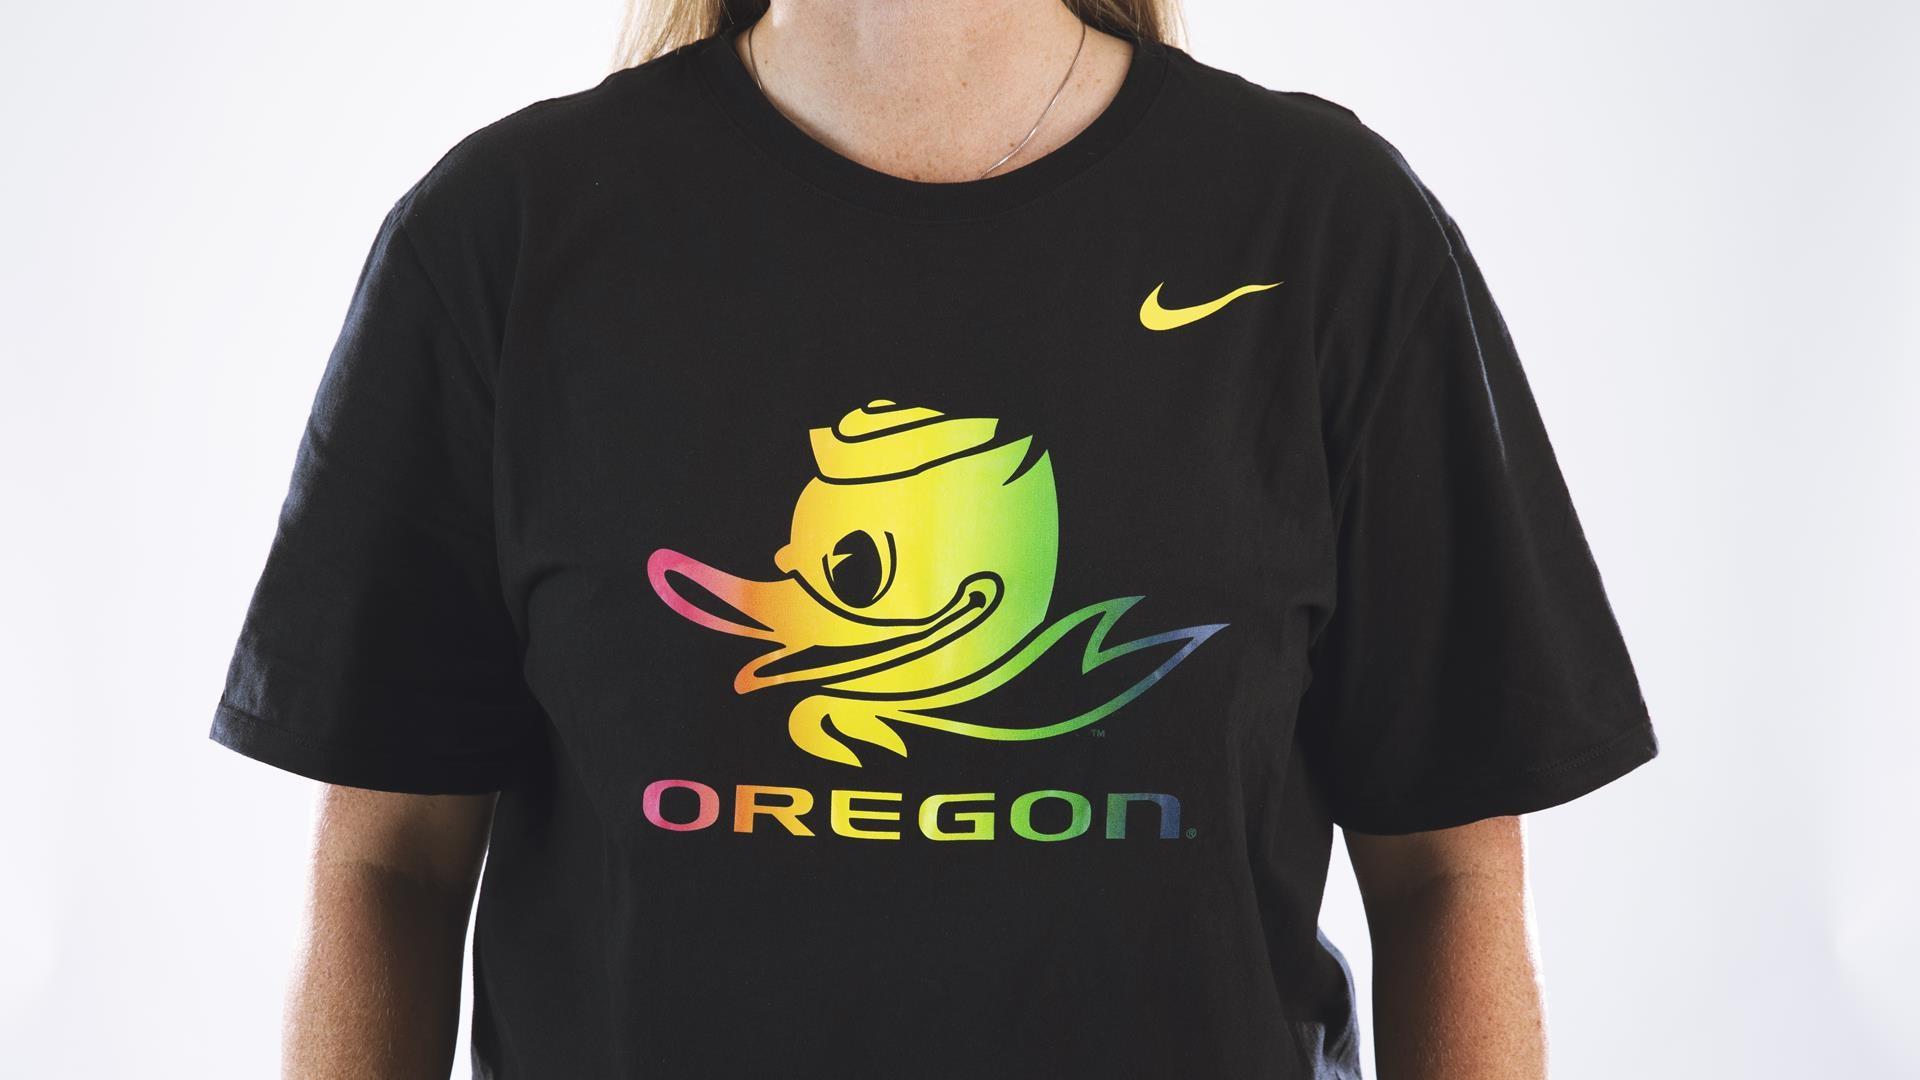 BeOregon Movement Goes Public   University of Oregon Athletics 1920x1080